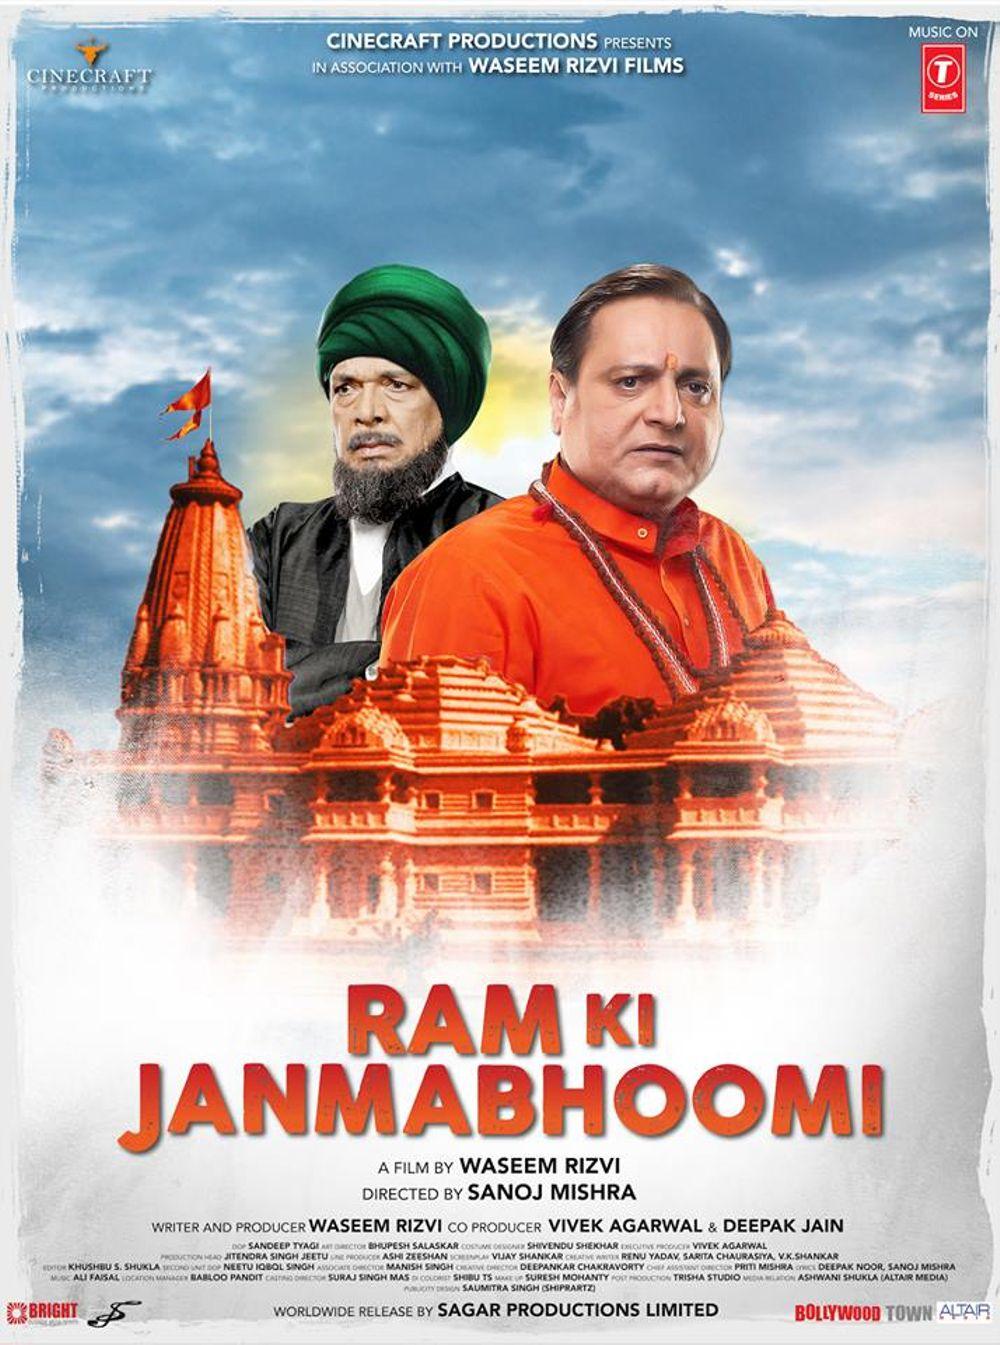 Ram Ki Janmabhoomi Movie Review Hindi Movie Review